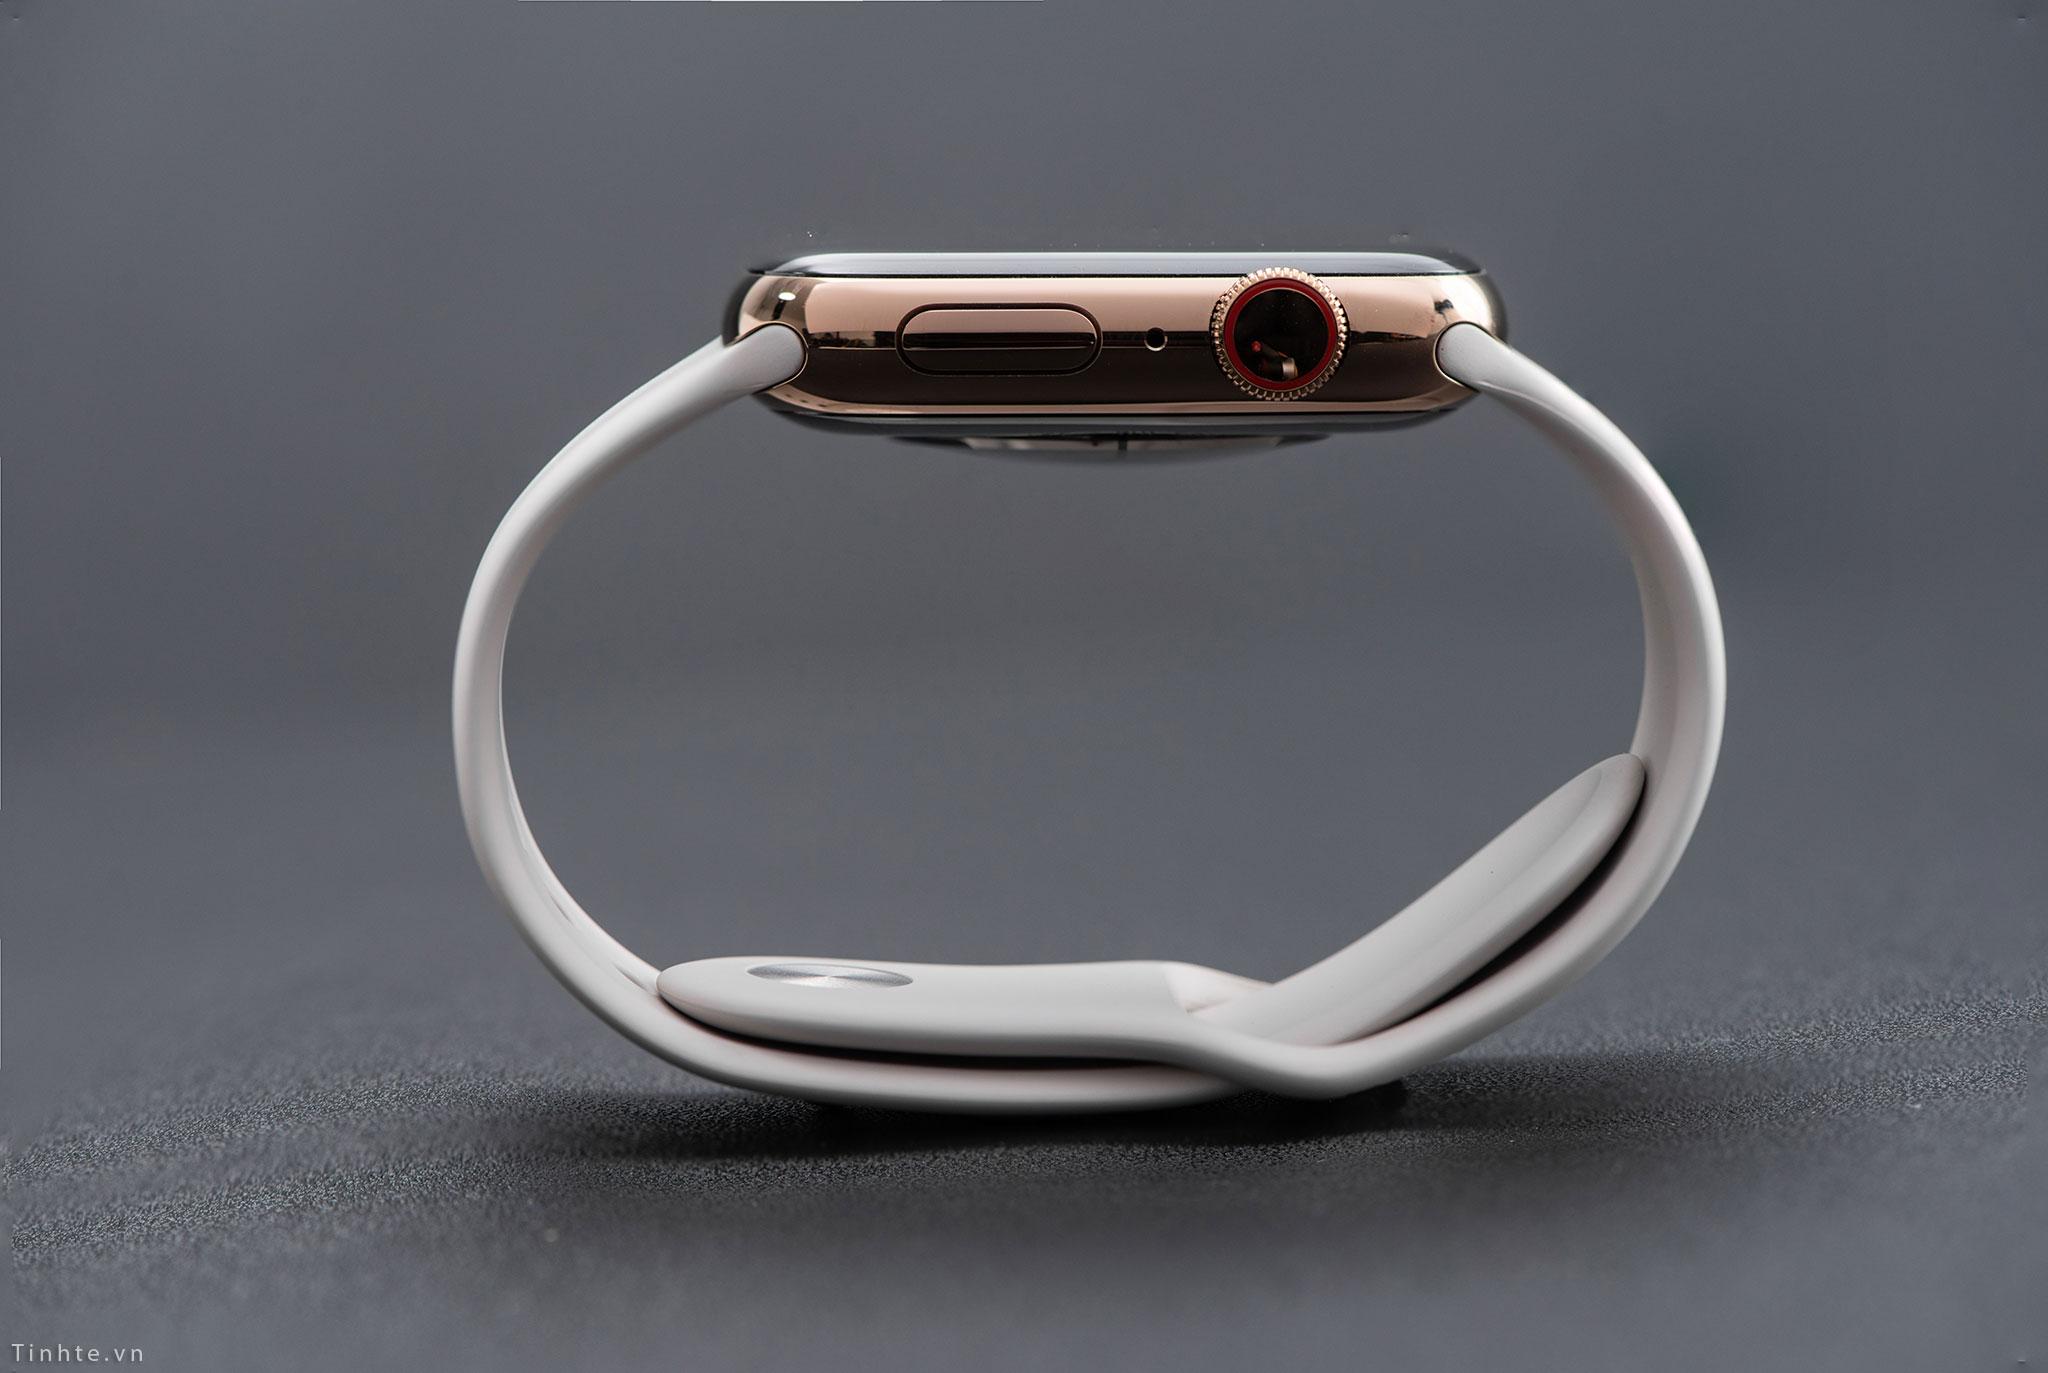 tinhte_apple_watch_series_5_stainless_steel_17.jpg